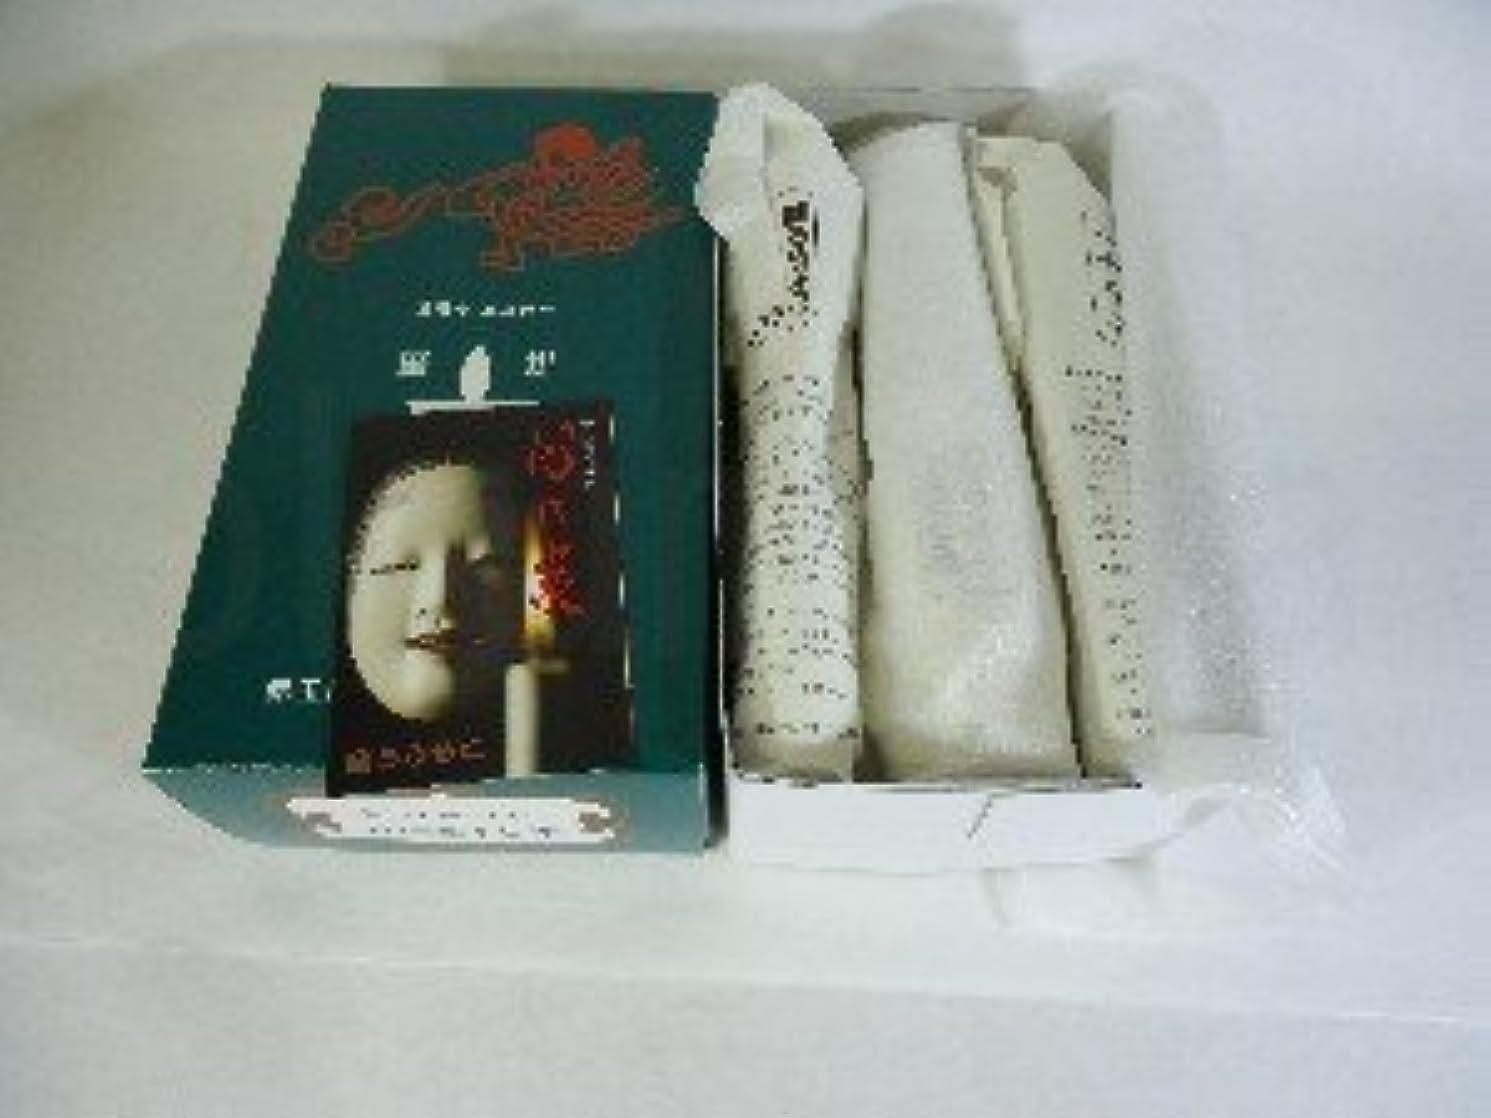 画家熟考するサージ和ろうそく 型和蝋燭 ローソク イカリ 20号 白 6本入り 約17センチ 約3時間30分燃焼